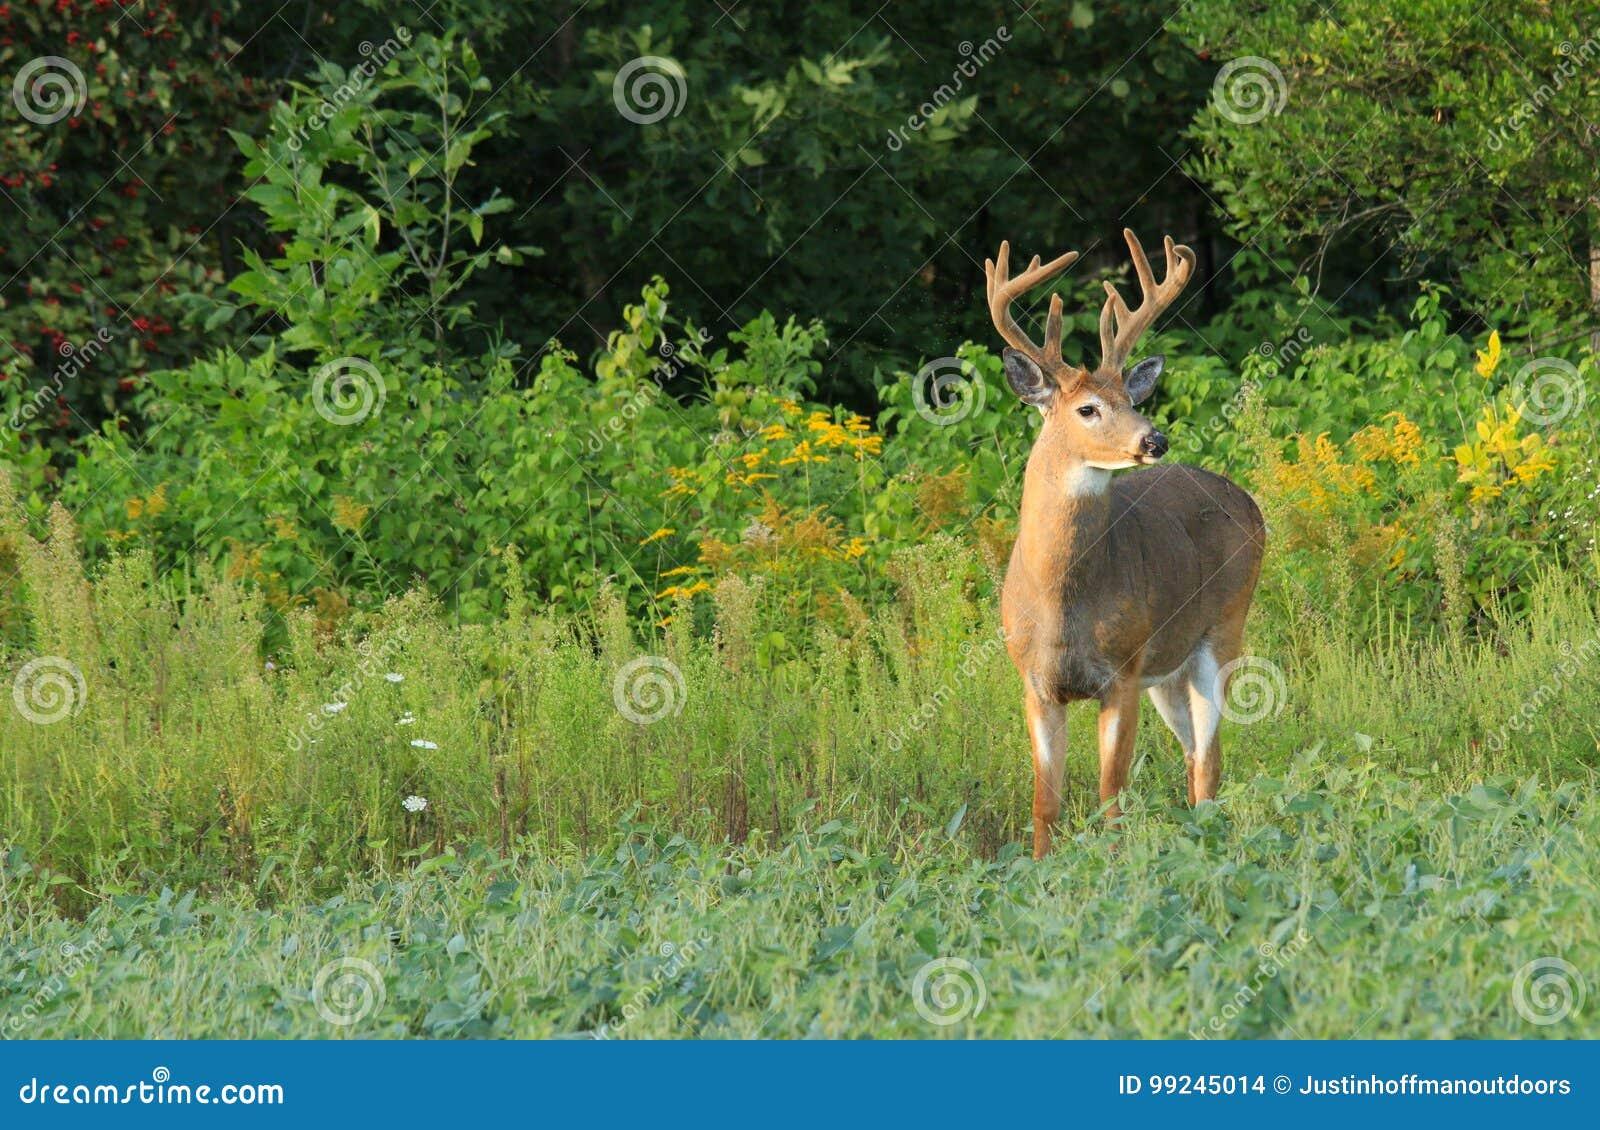 Whitetail Deer Buck with Velvet Antlers